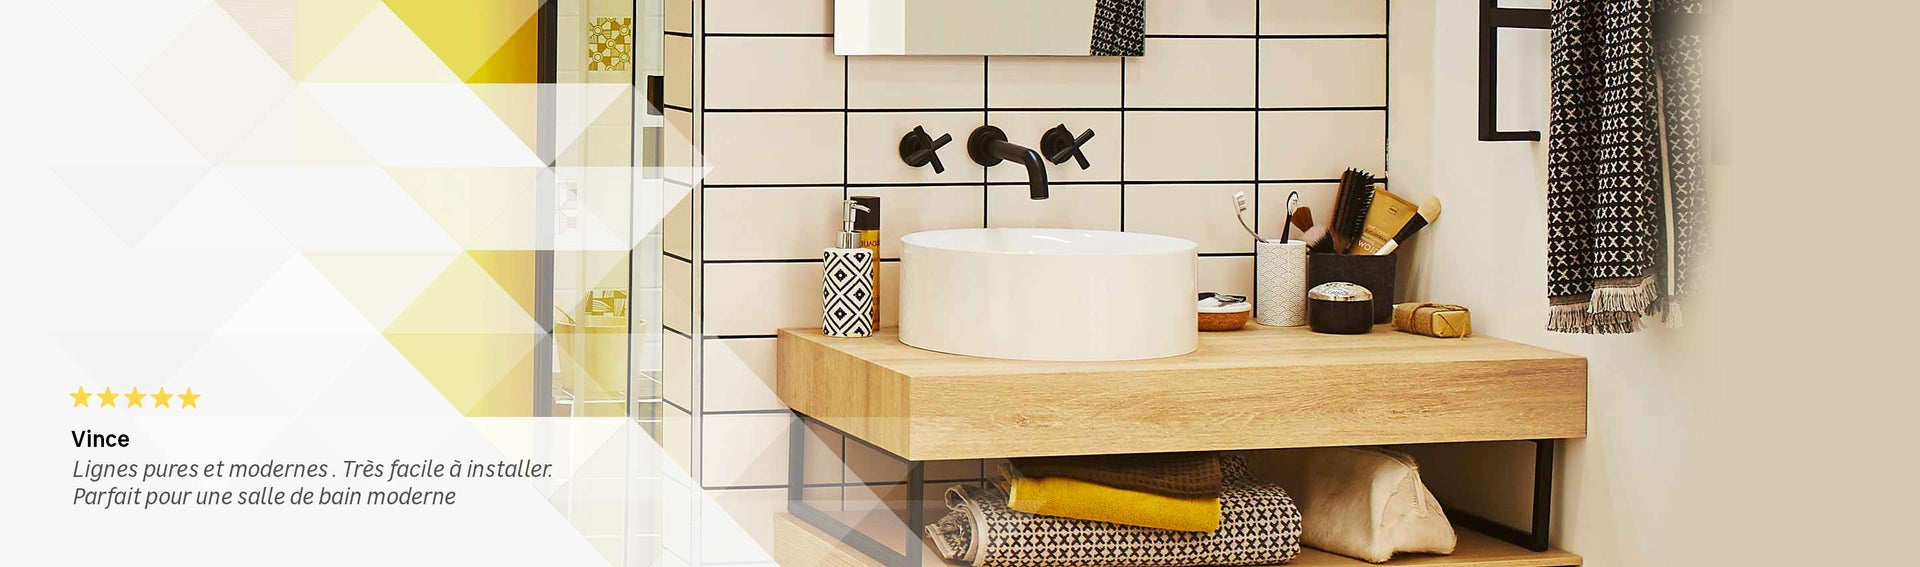 salle de bains salle d 39 eau sanitaire leroy merlin. Black Bedroom Furniture Sets. Home Design Ideas